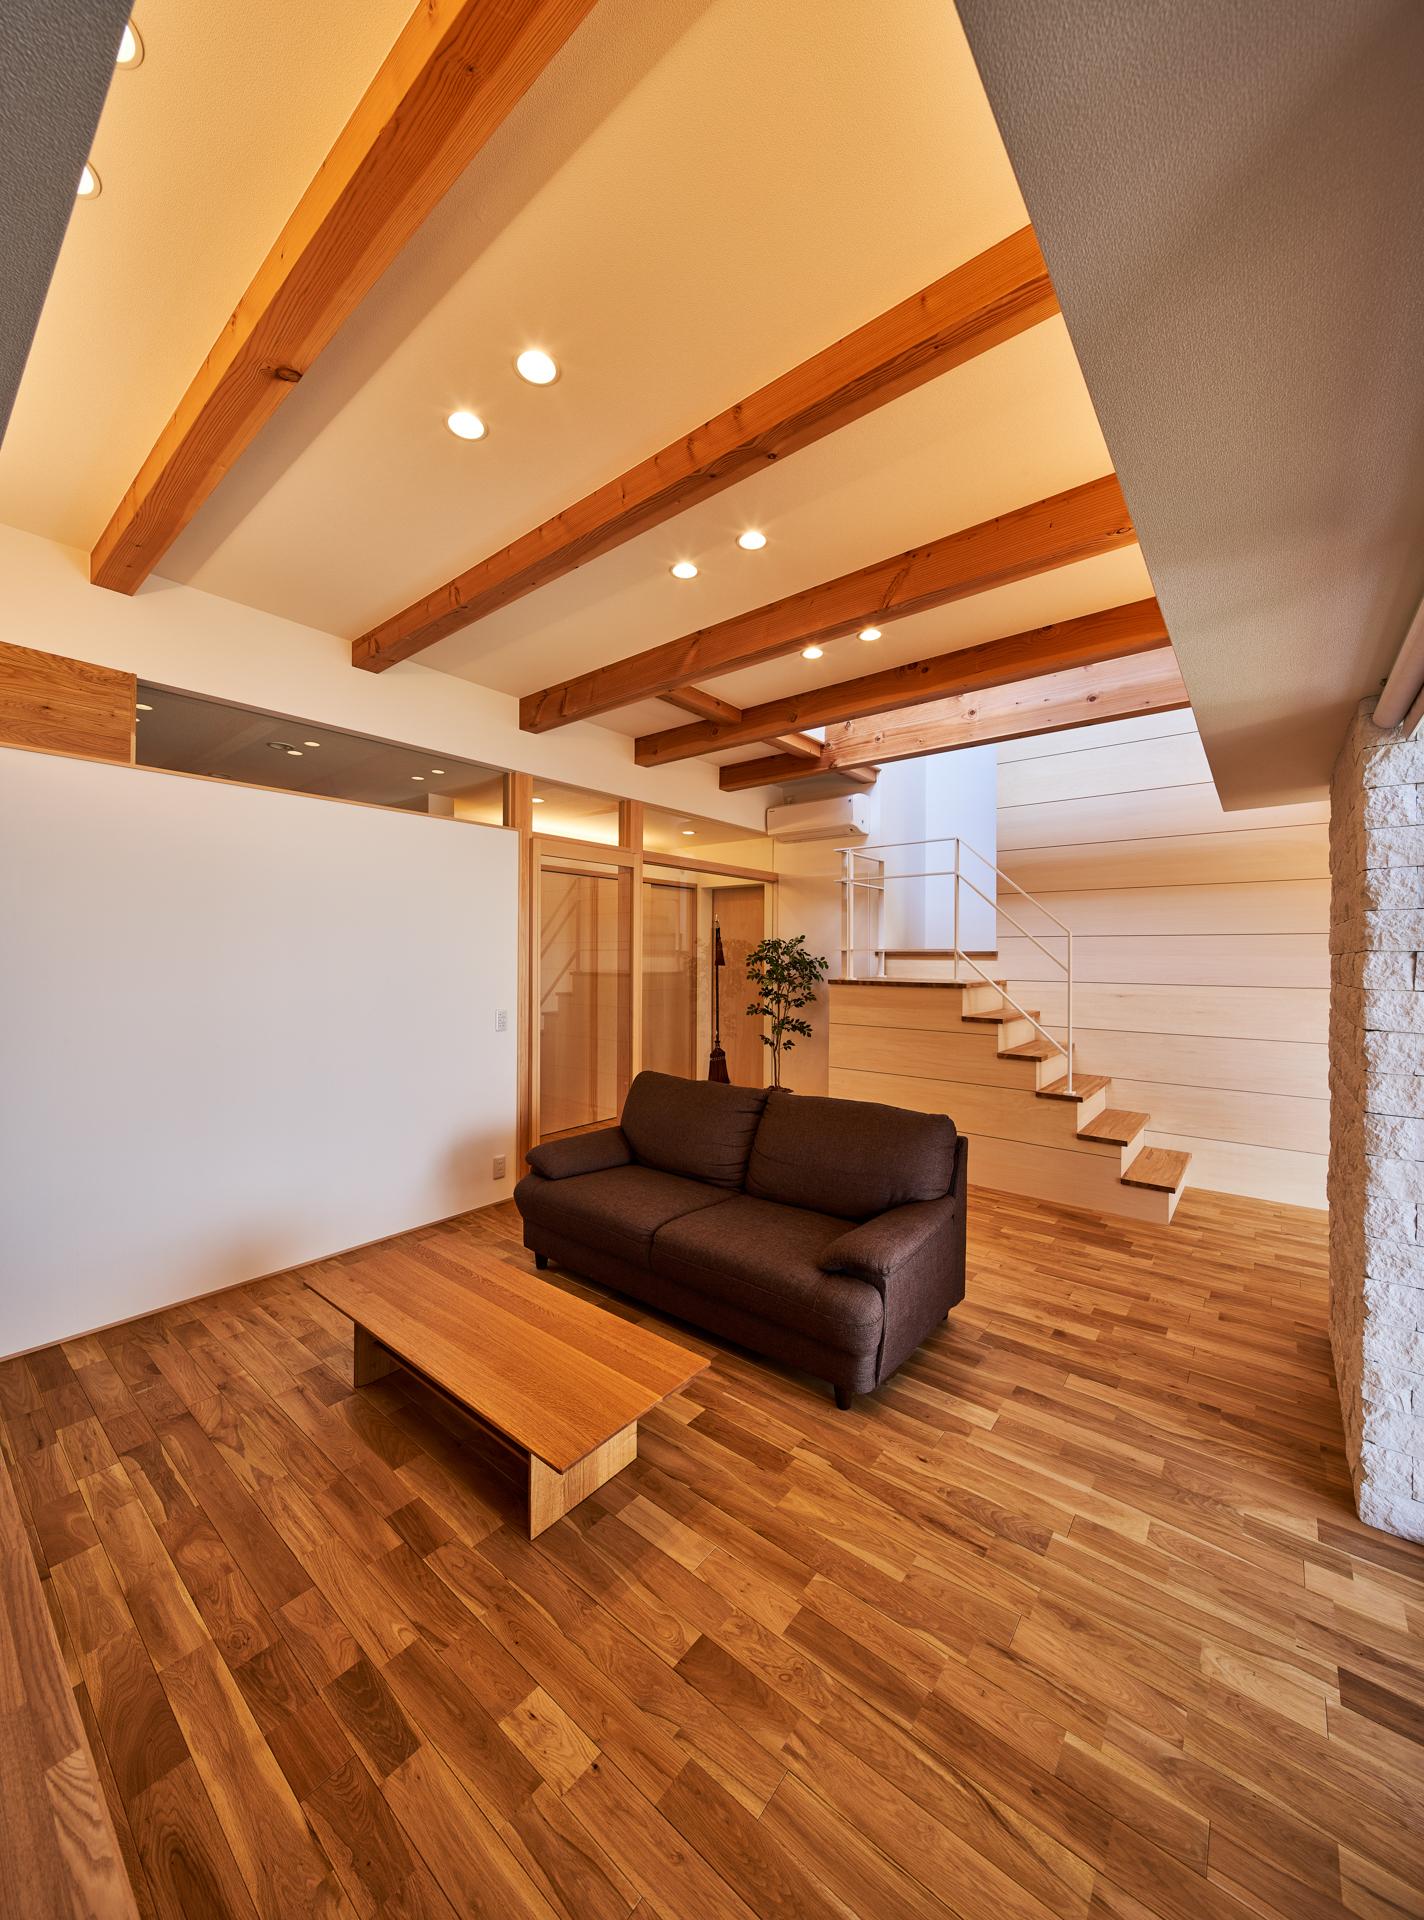 徳田の家_梶浦環境建築設計事務所